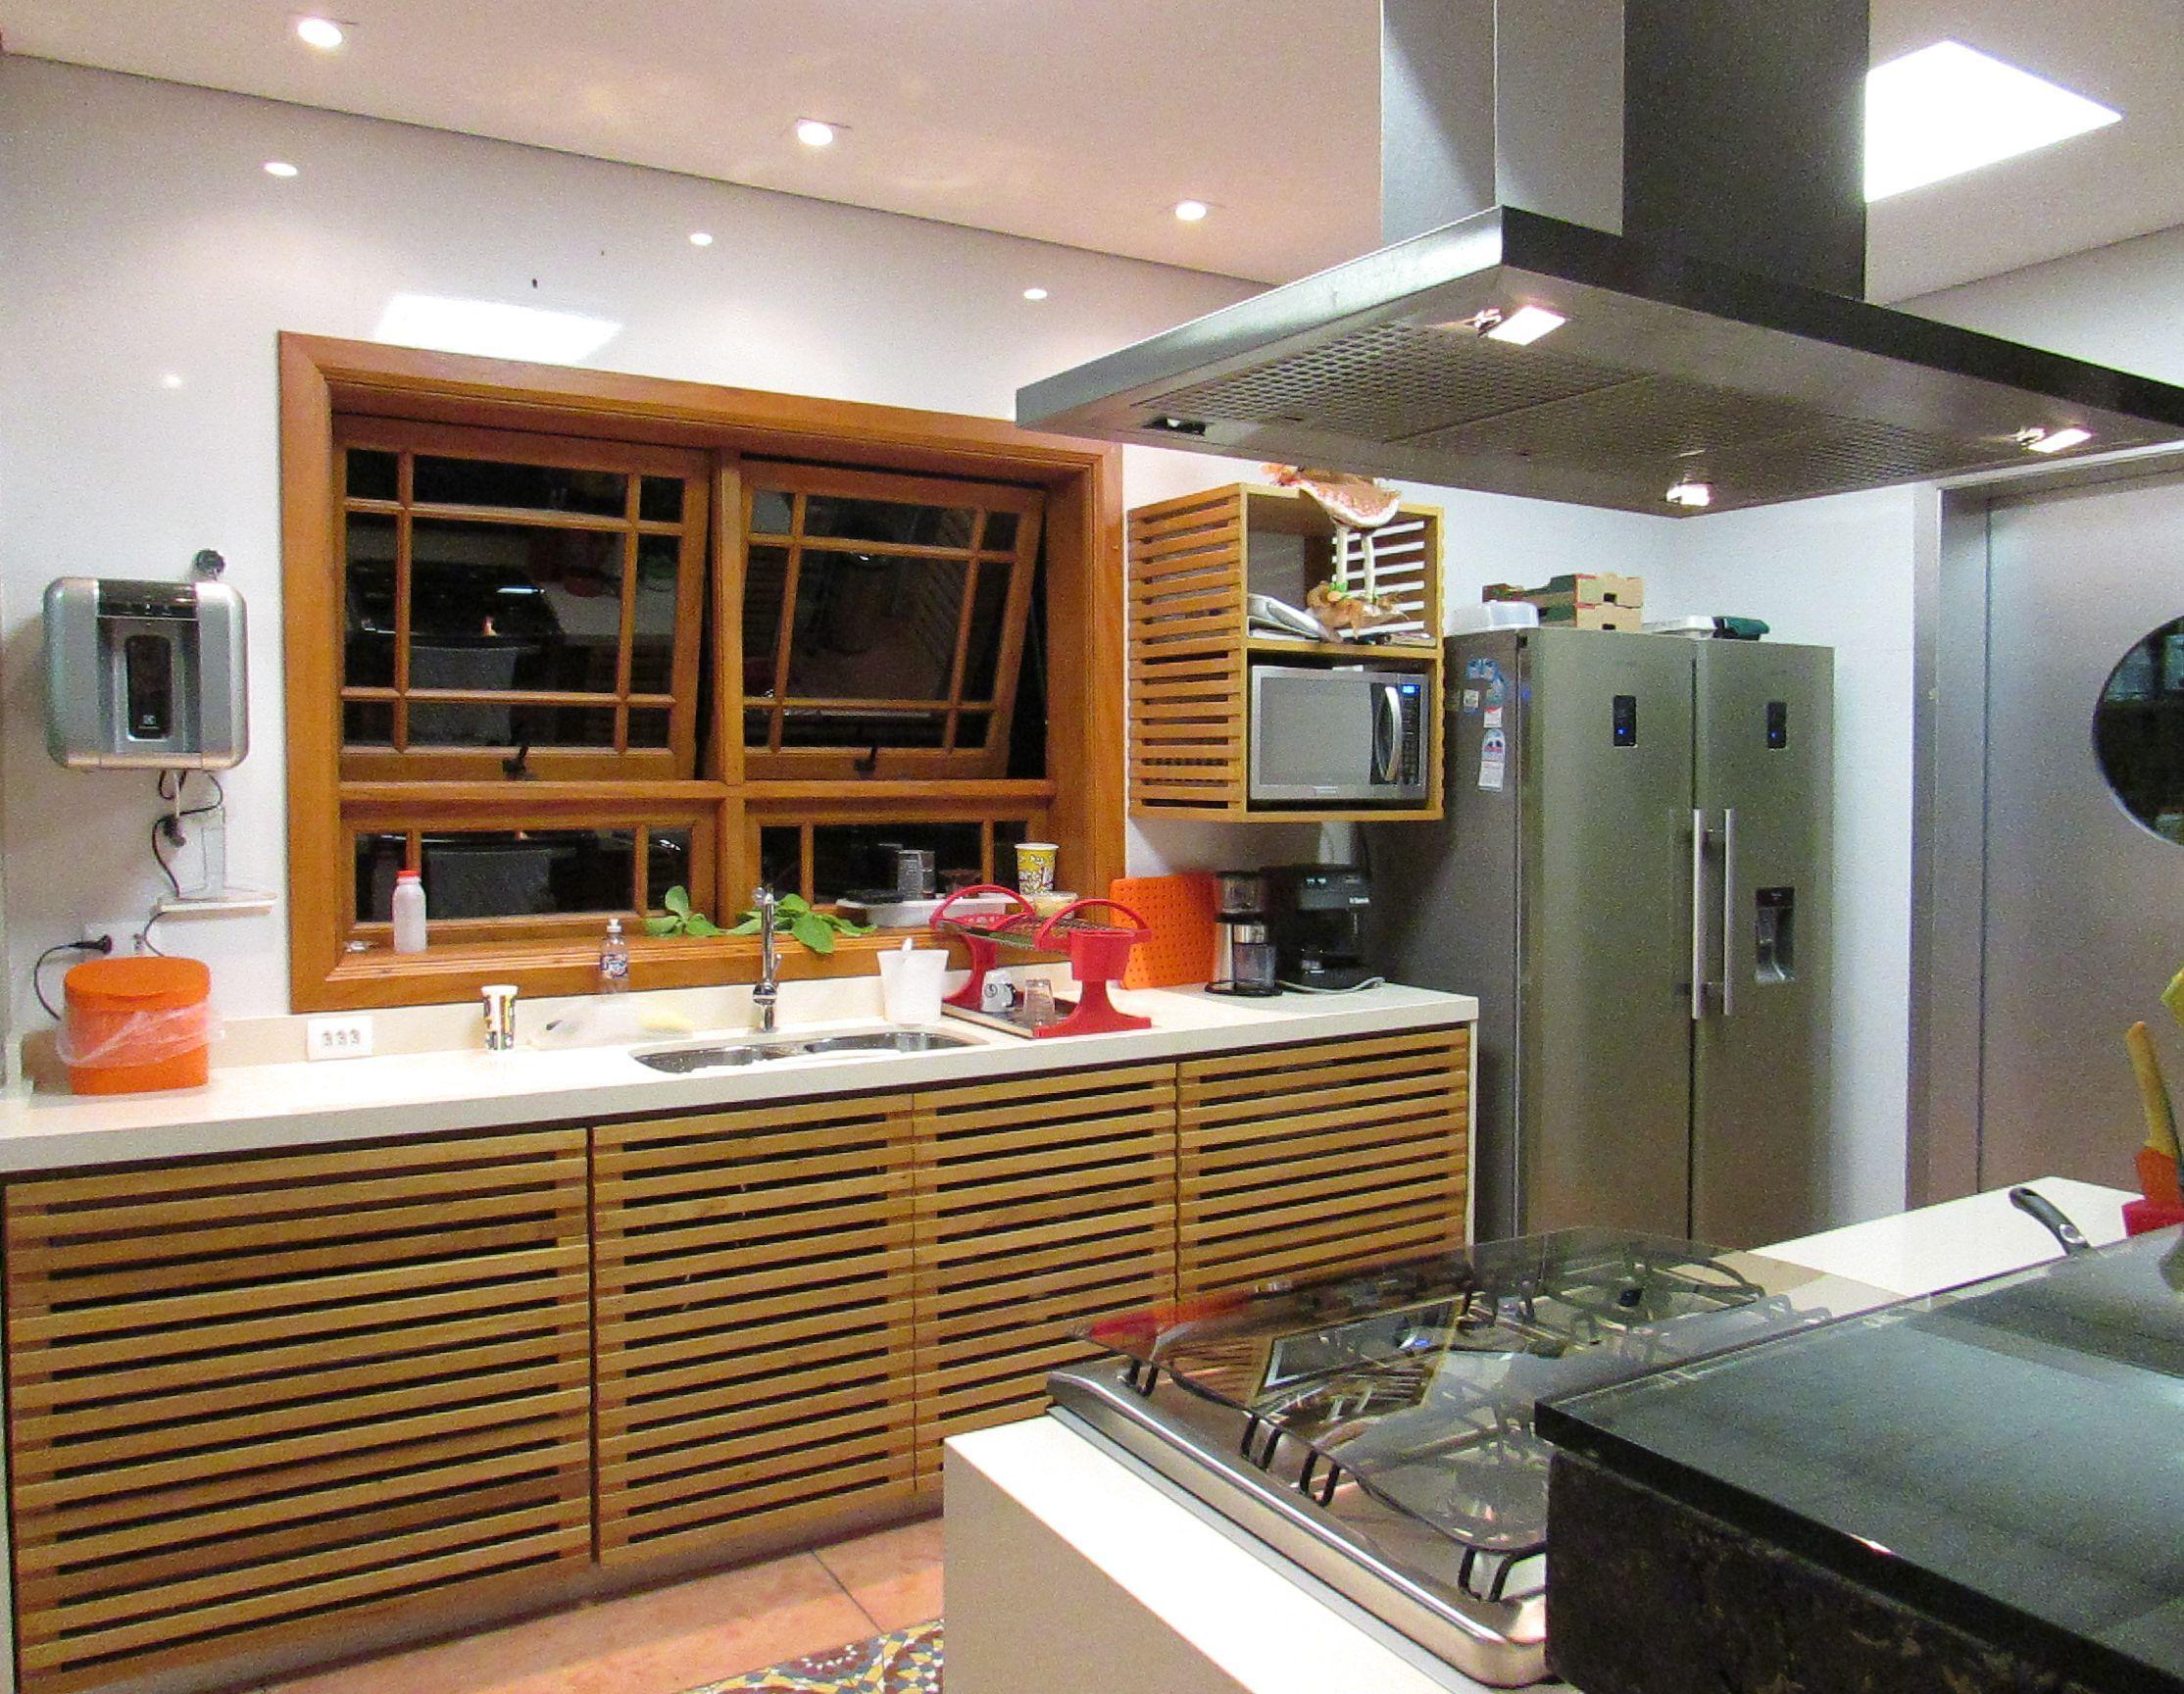 Cozinha Aberta Totalmente Integrada A Sala De Estar E Jantar Em Uma